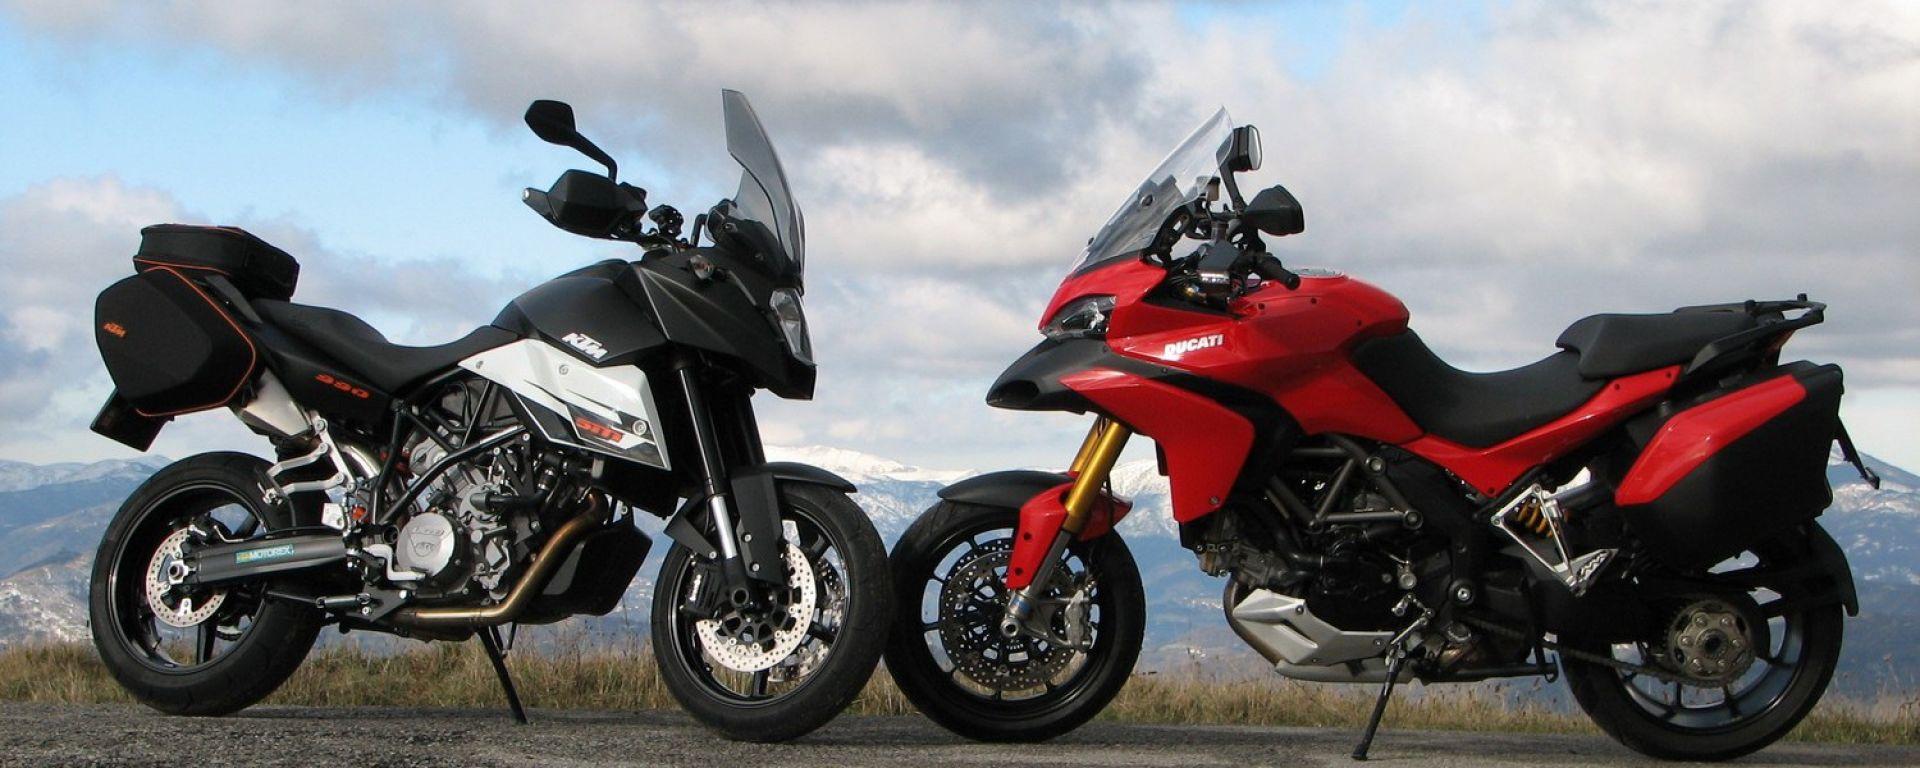 Ducati Multistrada 1200 vs KTM 990 SMT LE